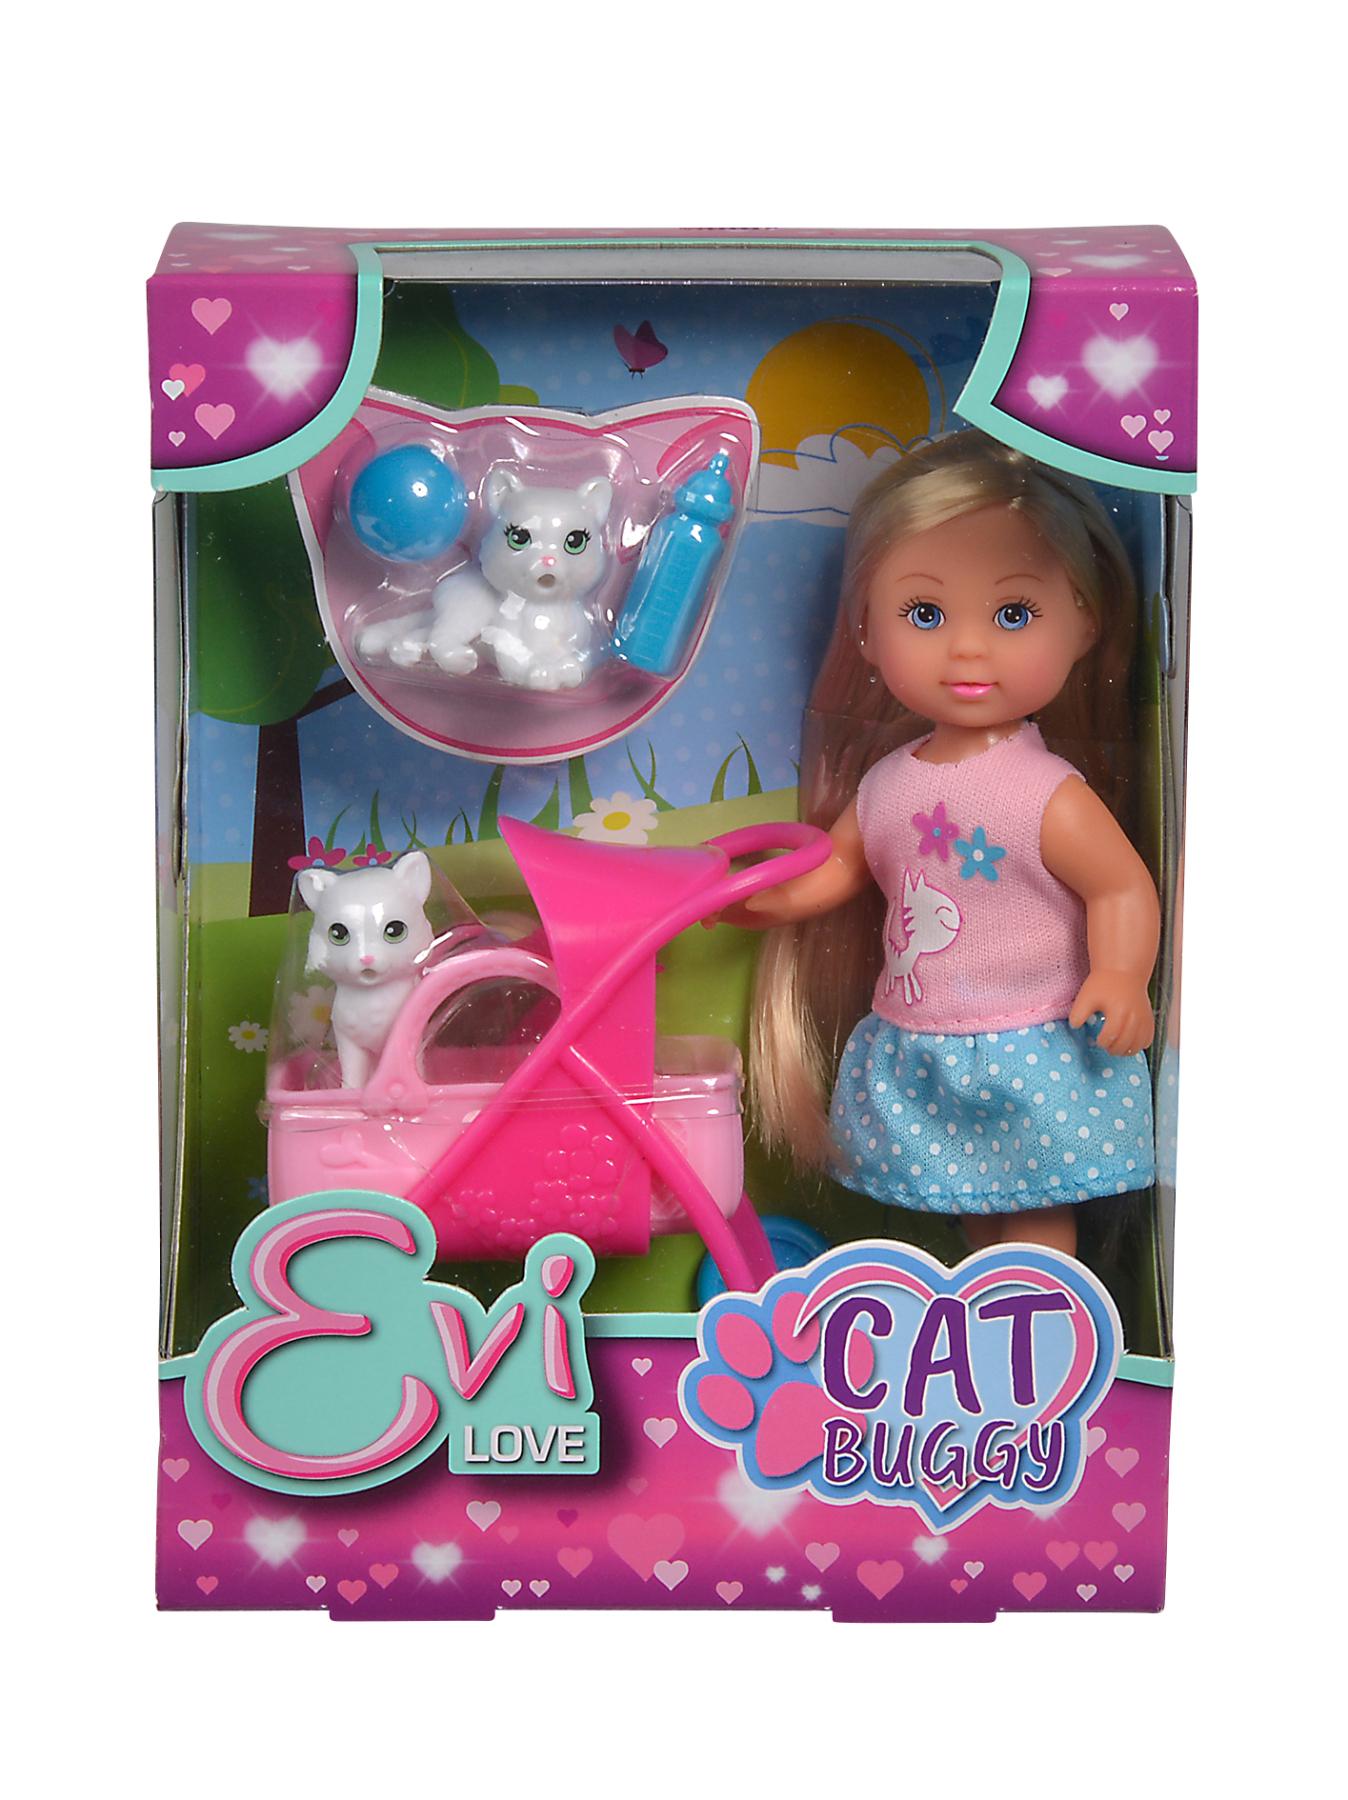 Evi Love mit Cat Buggy 12cm